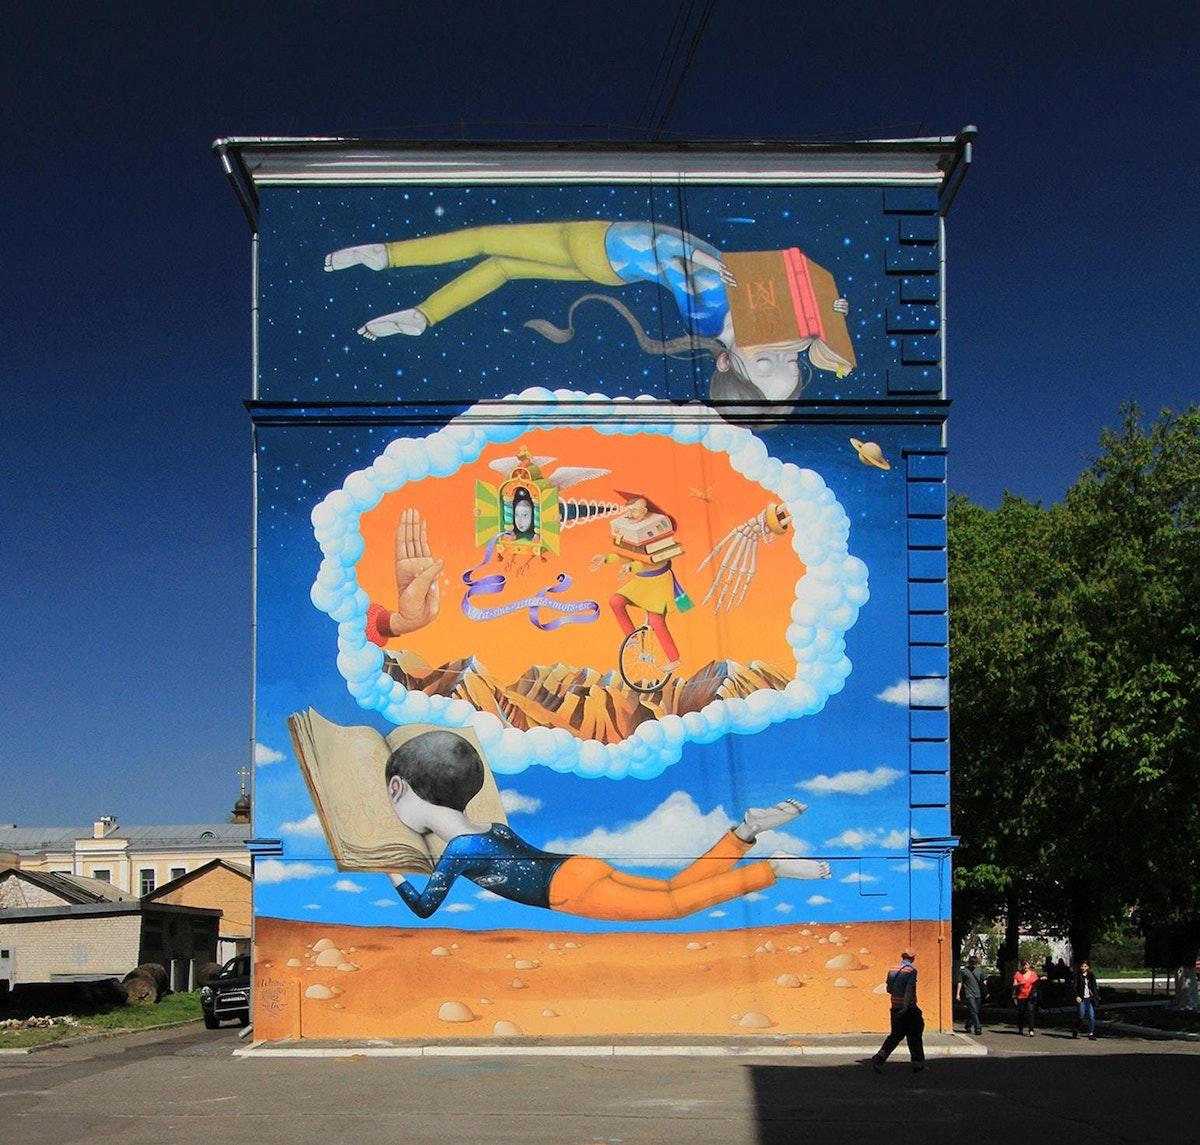 Mural in Kyiv-Mohyla Academy